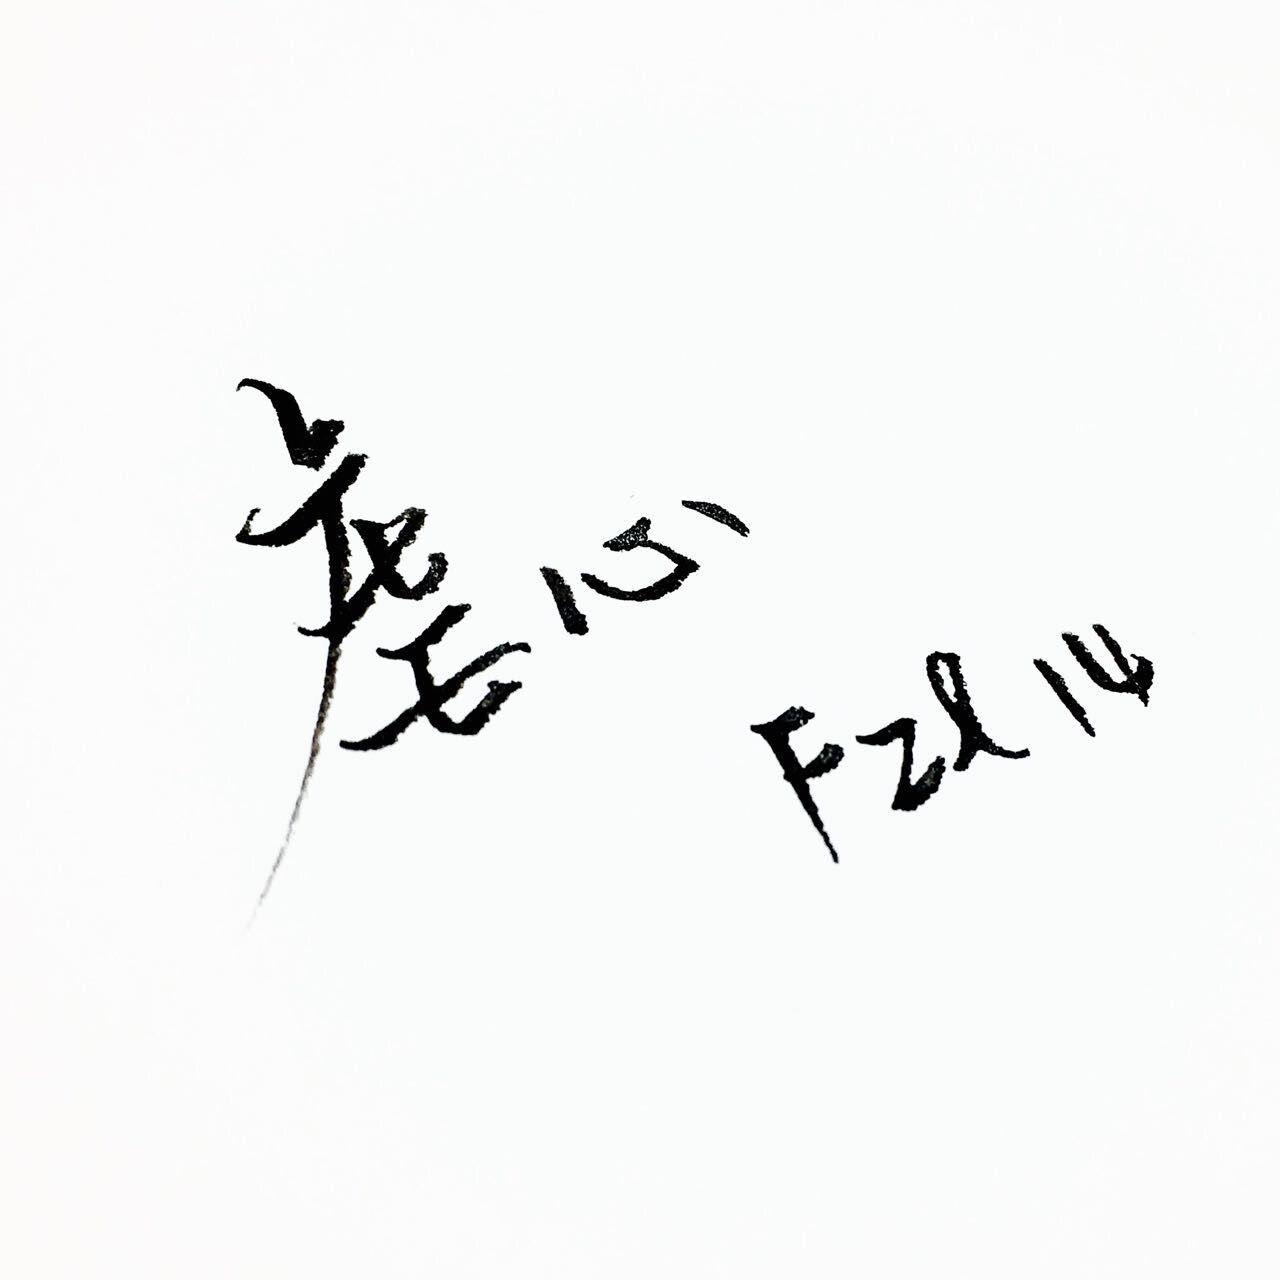 虐心(cover 徐良 / 孙羽幽)